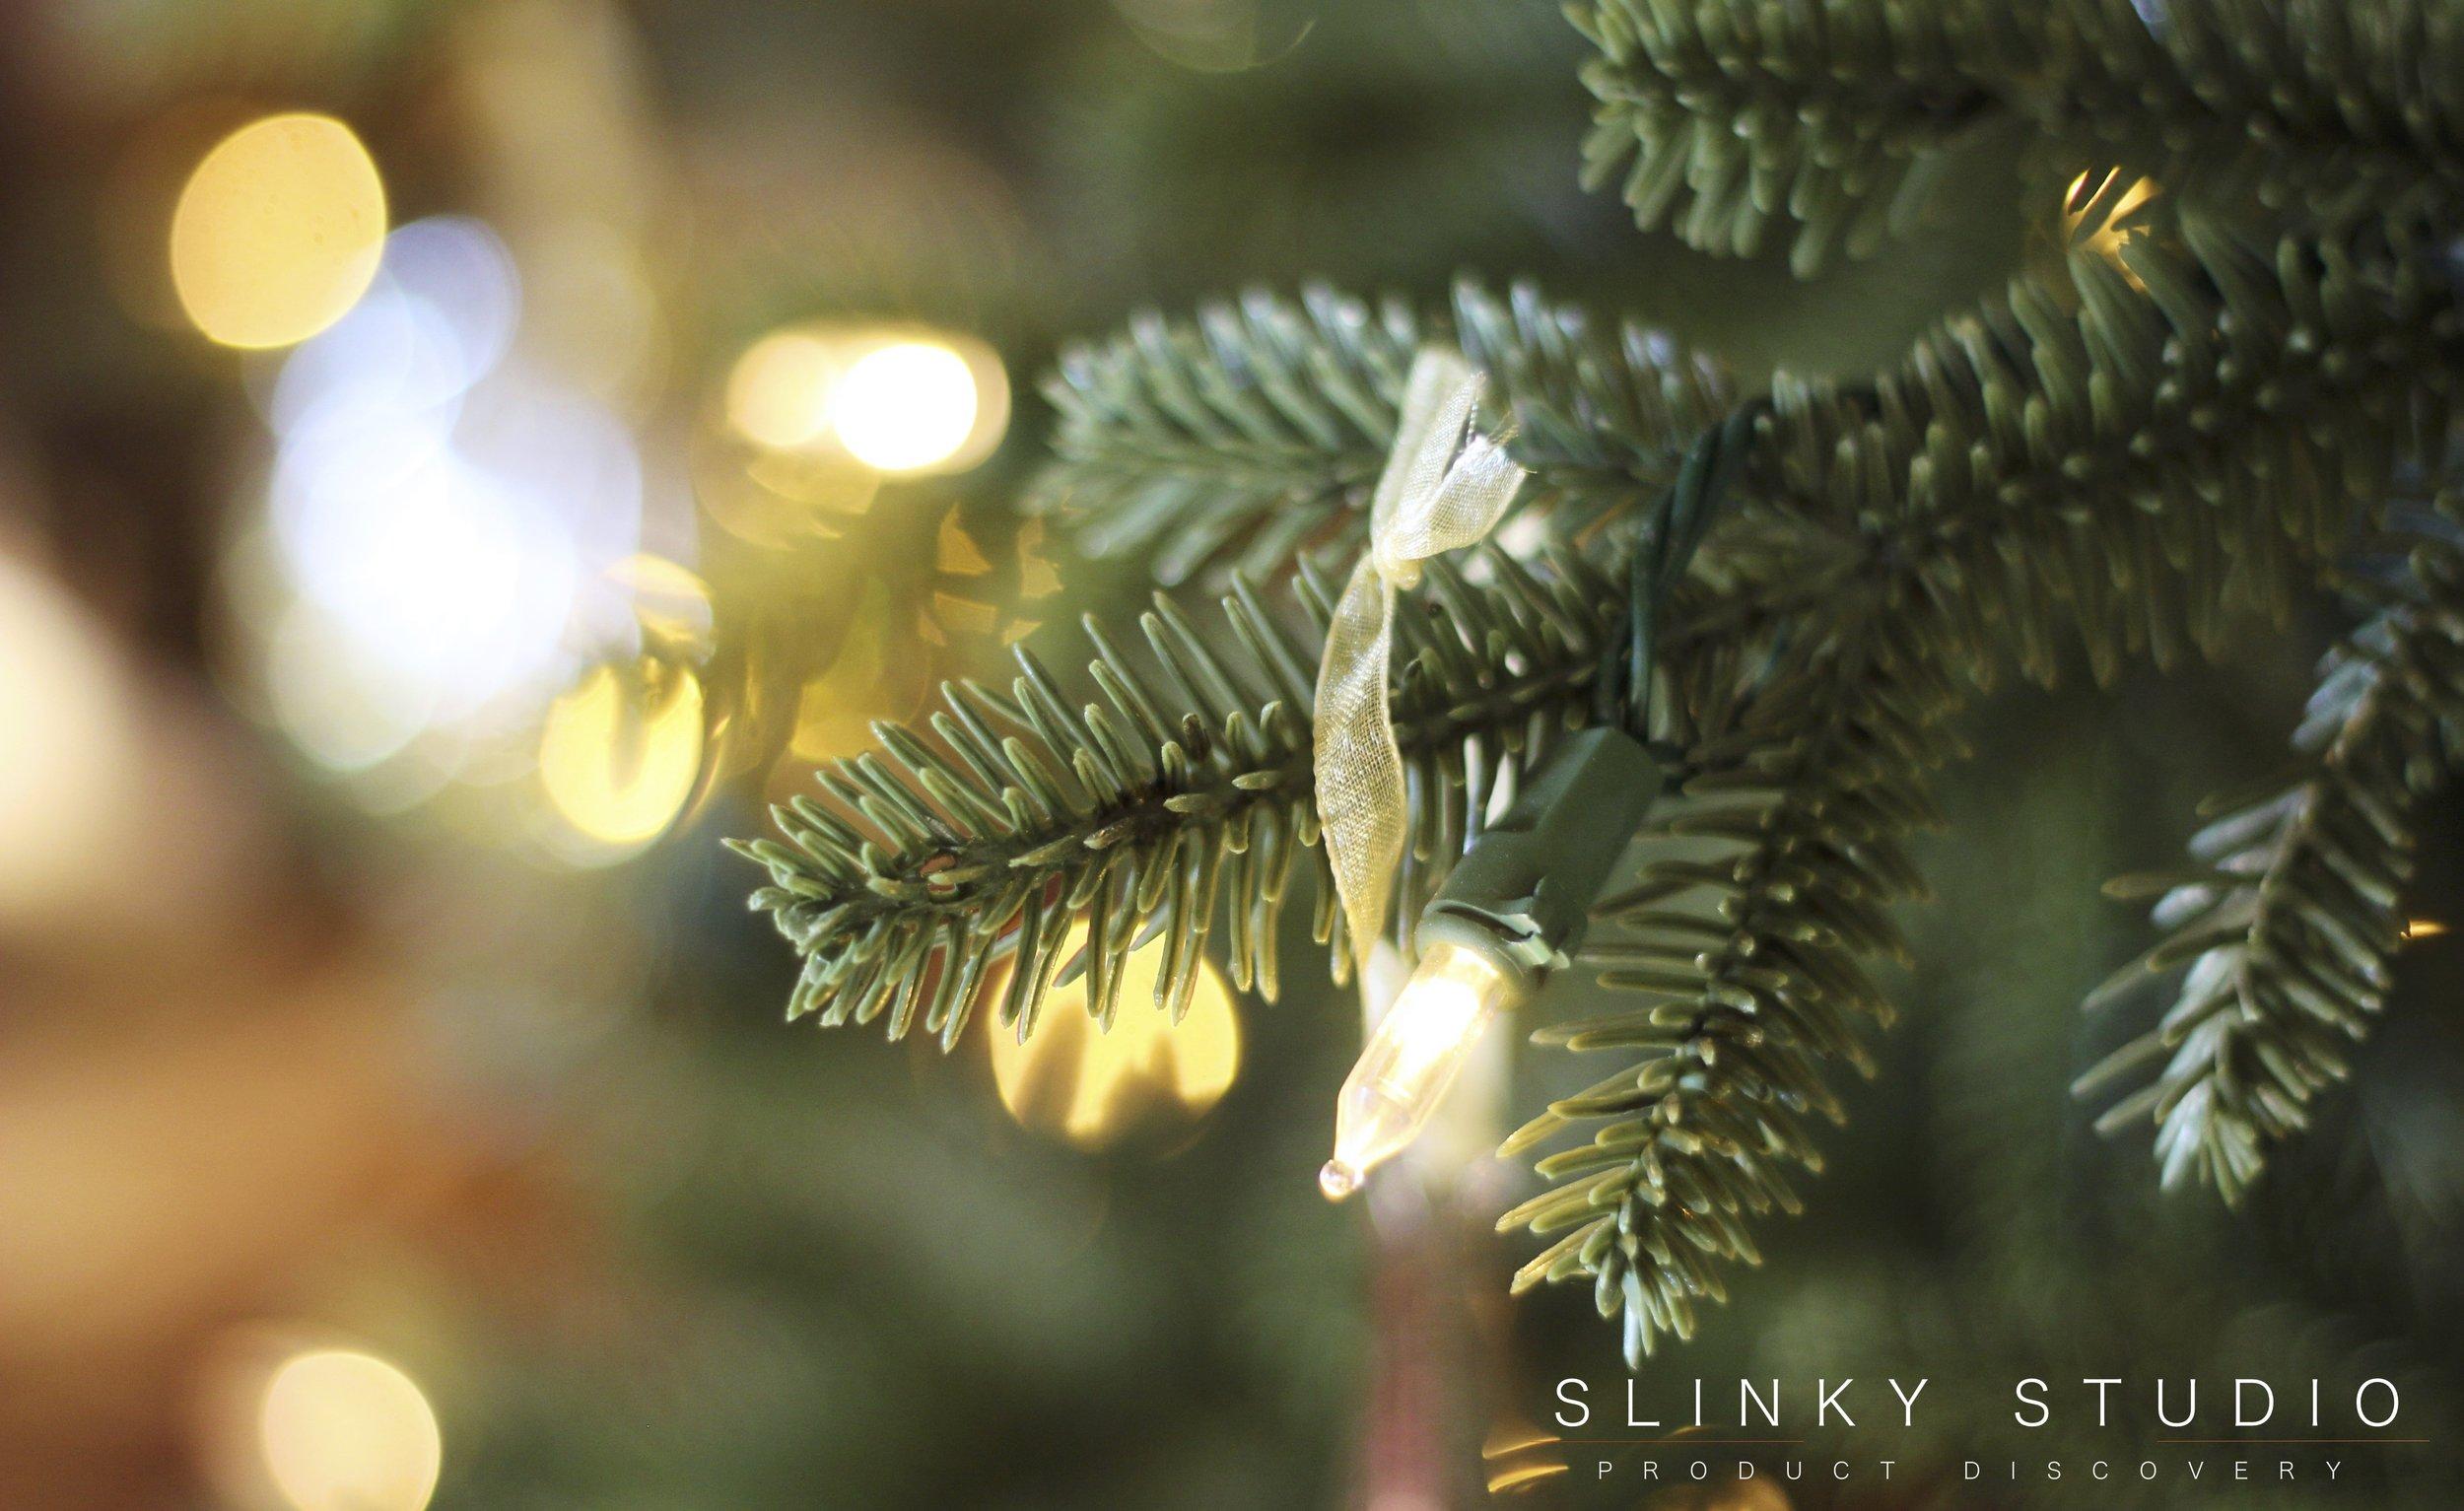 Balsam Hill Fraser Fir Christmas Tree Intricate Branch Needle Detail Close Up.jpg